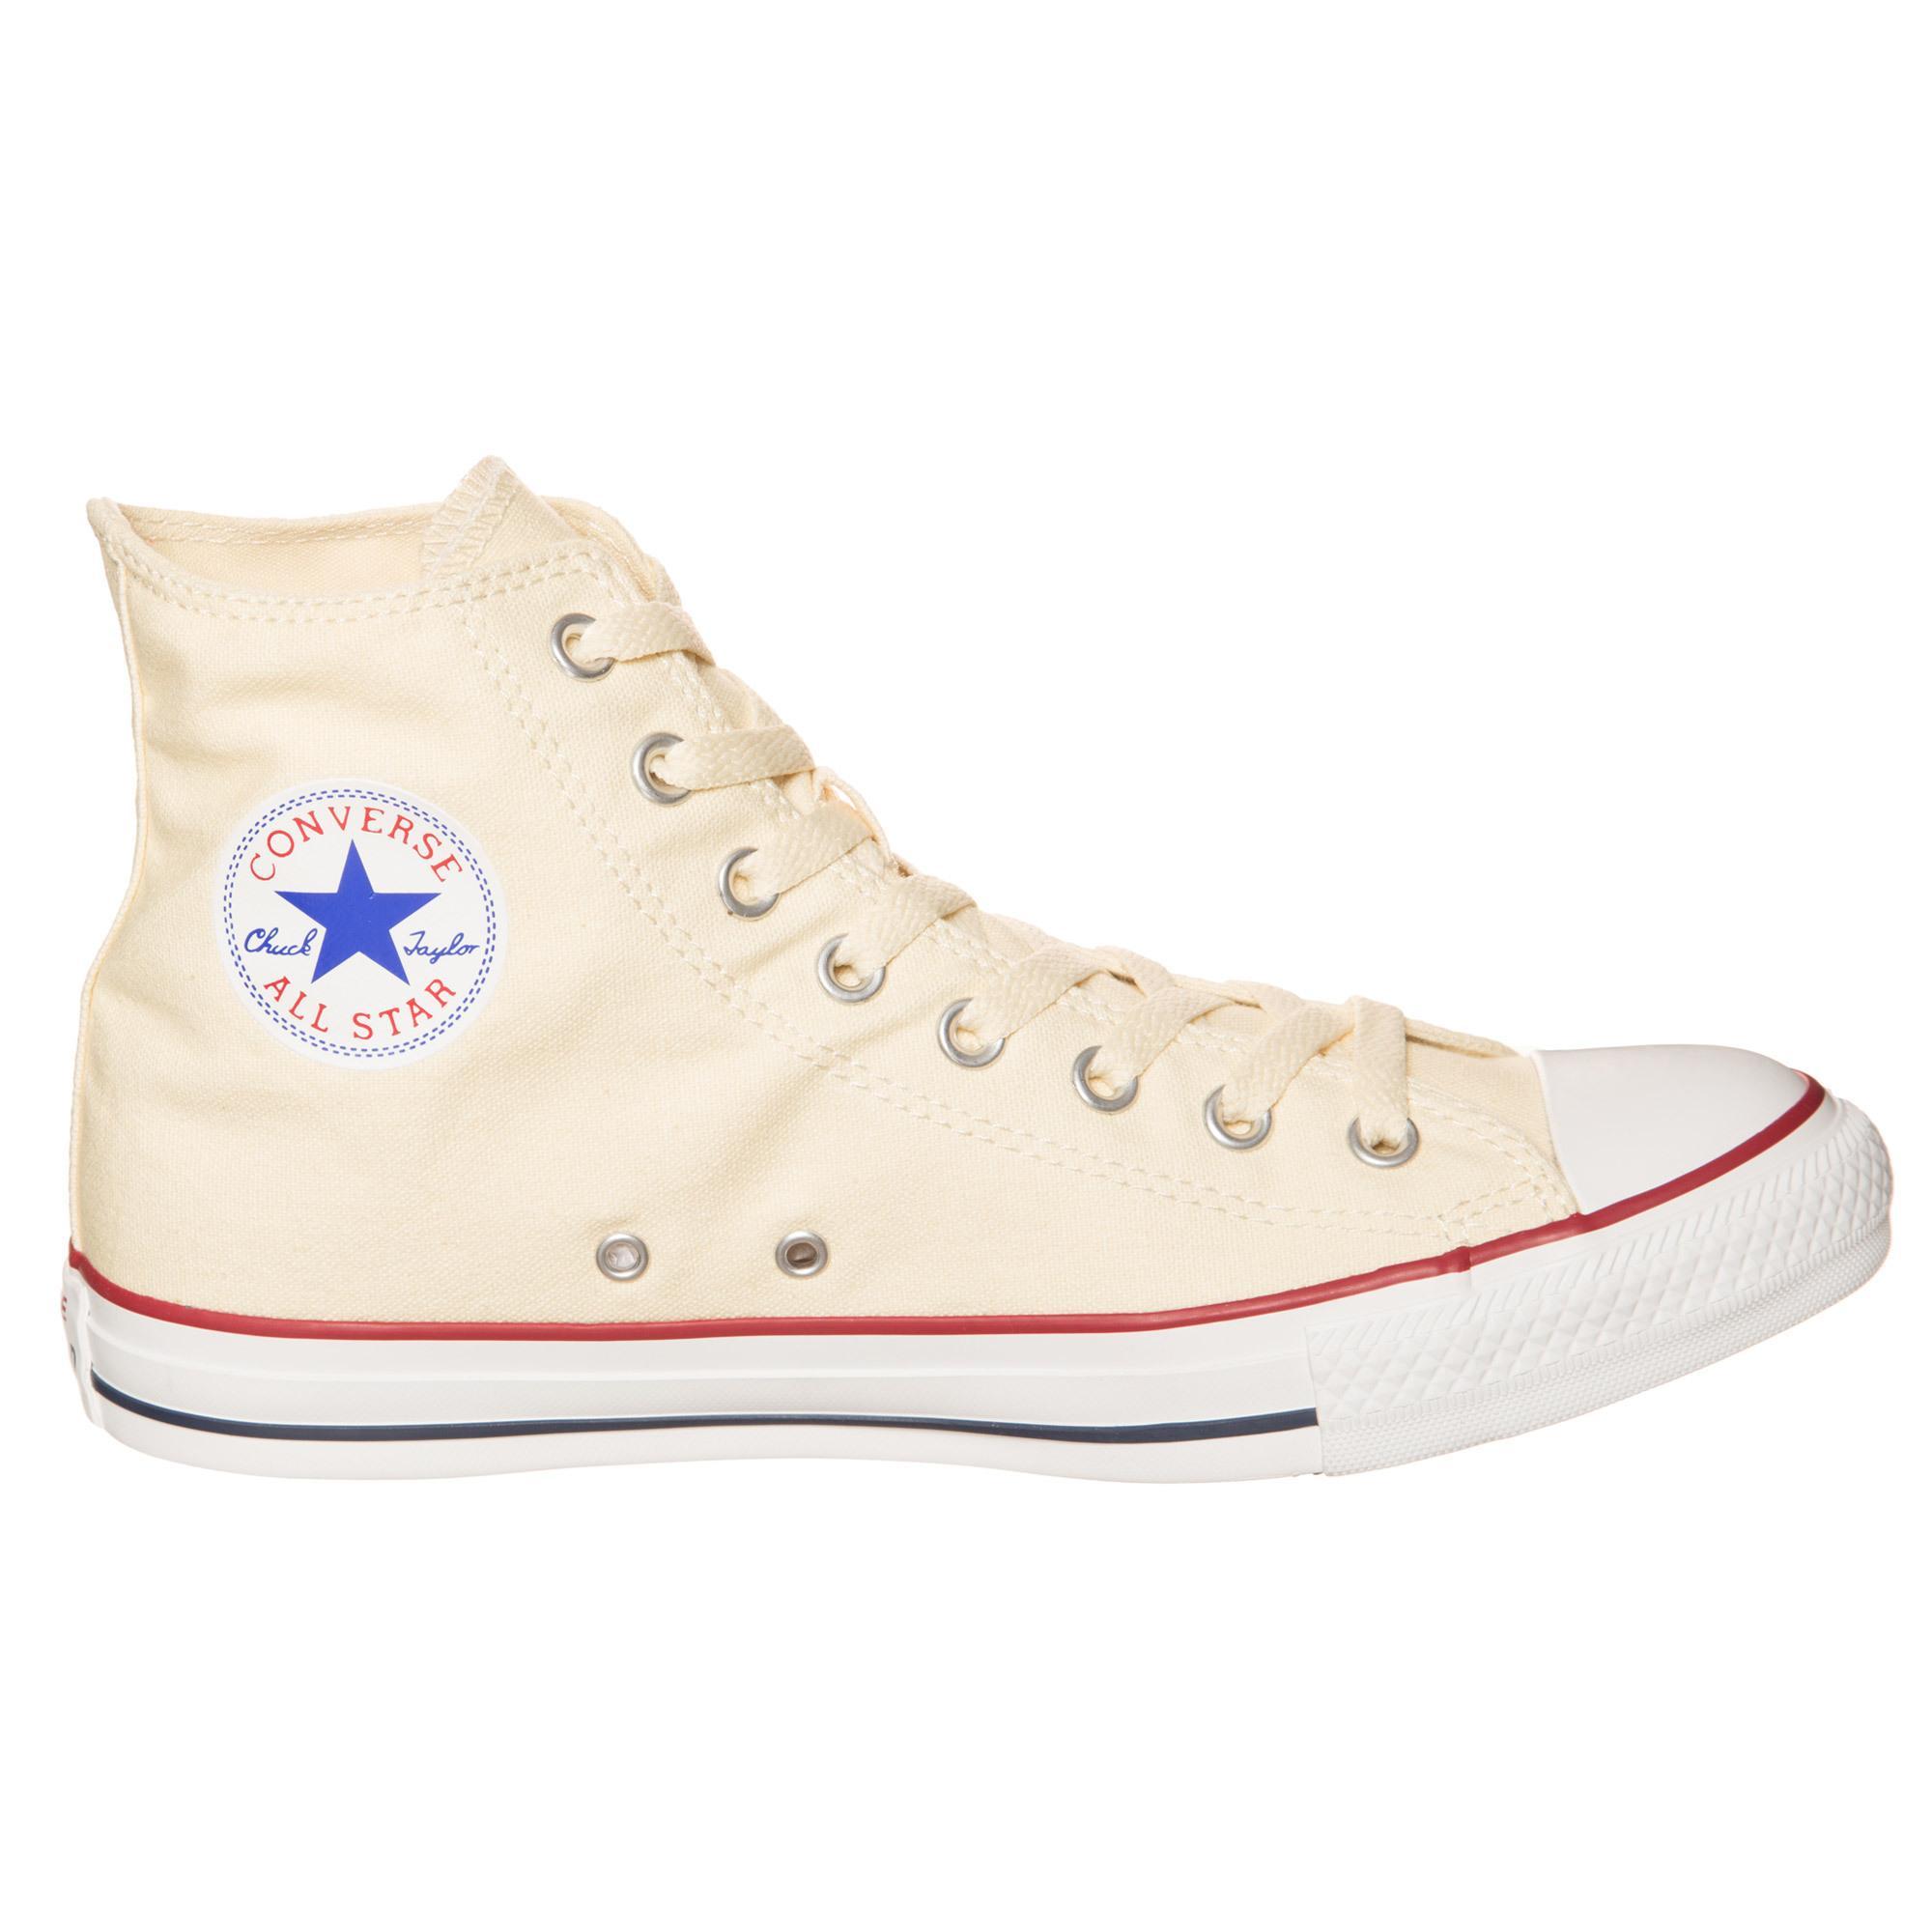 CONVERSE Chuck Taylor All Star High Sneaker beige Shop im Online Shop beige von SportScheck kaufen Gute Qualität beliebte Schuhe 165eaa